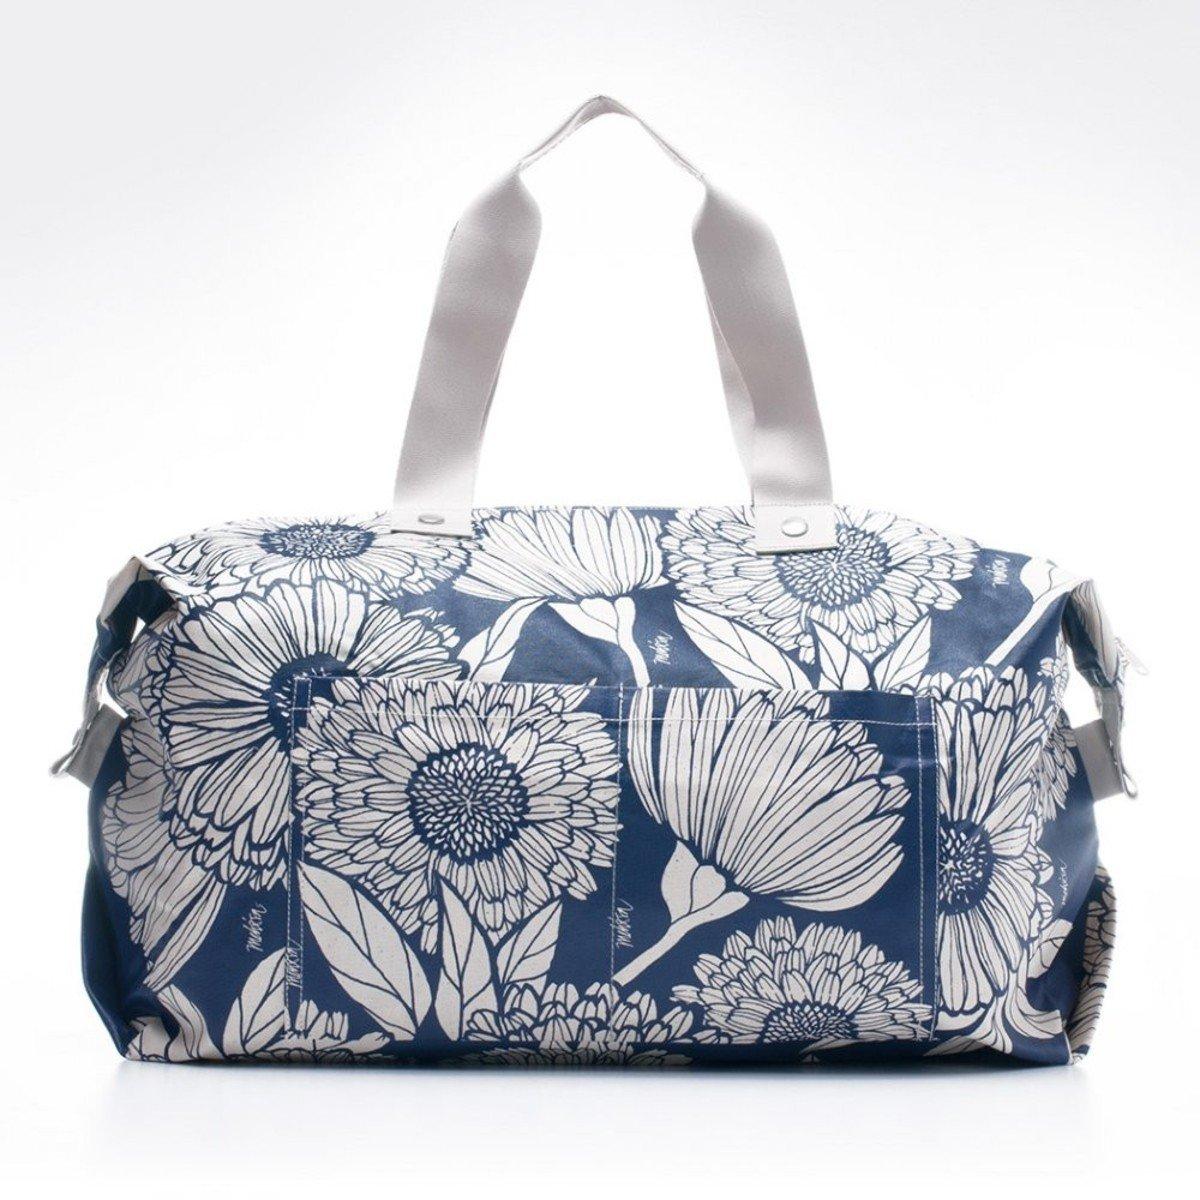 旅行袋 - Blue Note